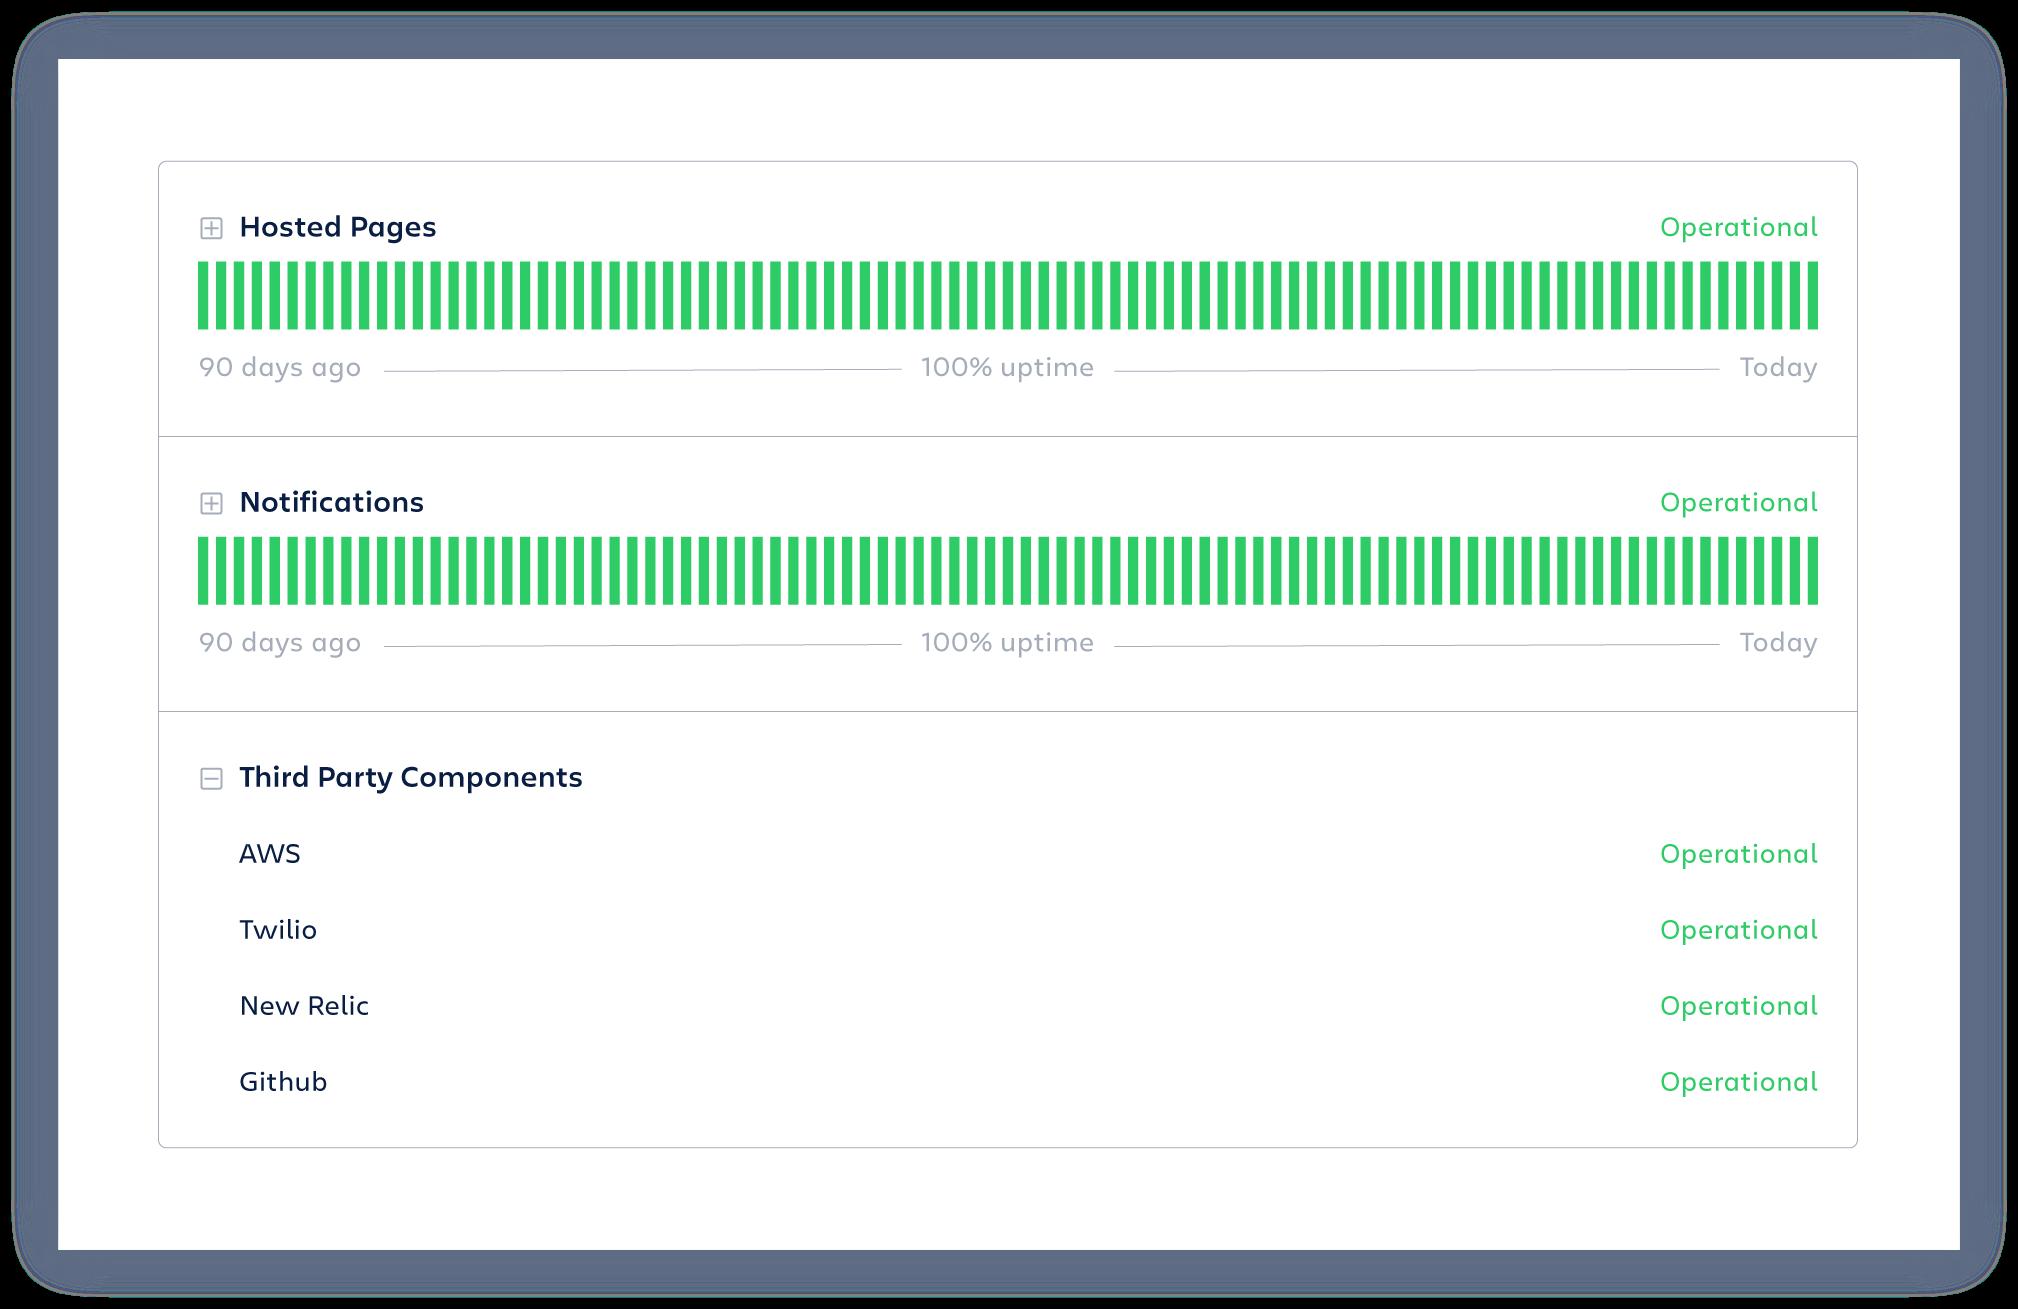 不同状态的窗口,例如托管页面或通知及其正常运行时间